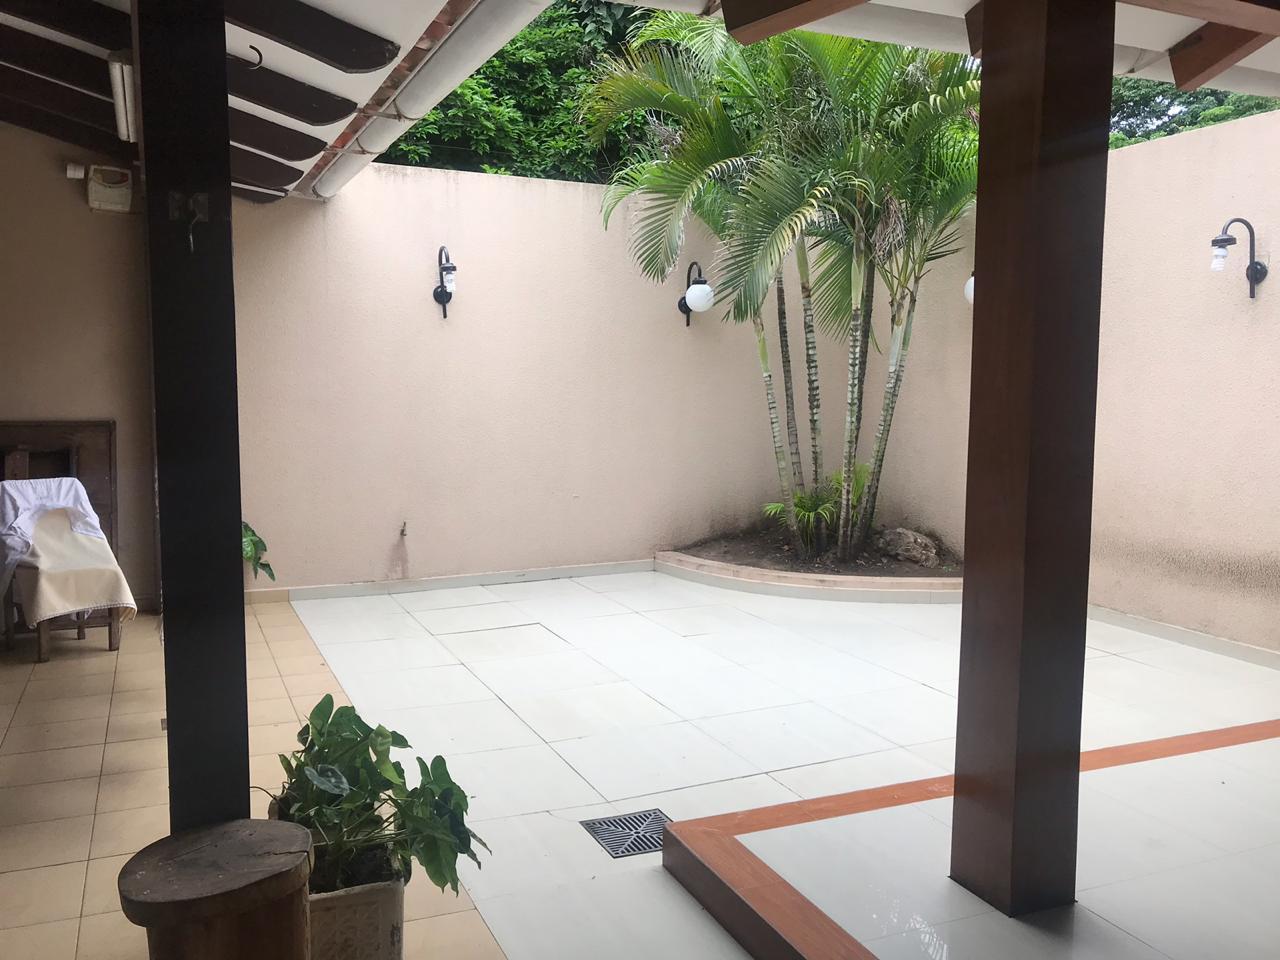 Casa en Venta AV. Hilanderia entre 4to y 5to anillo, entre Av. Pirai y Radial 17/5 Foto 3